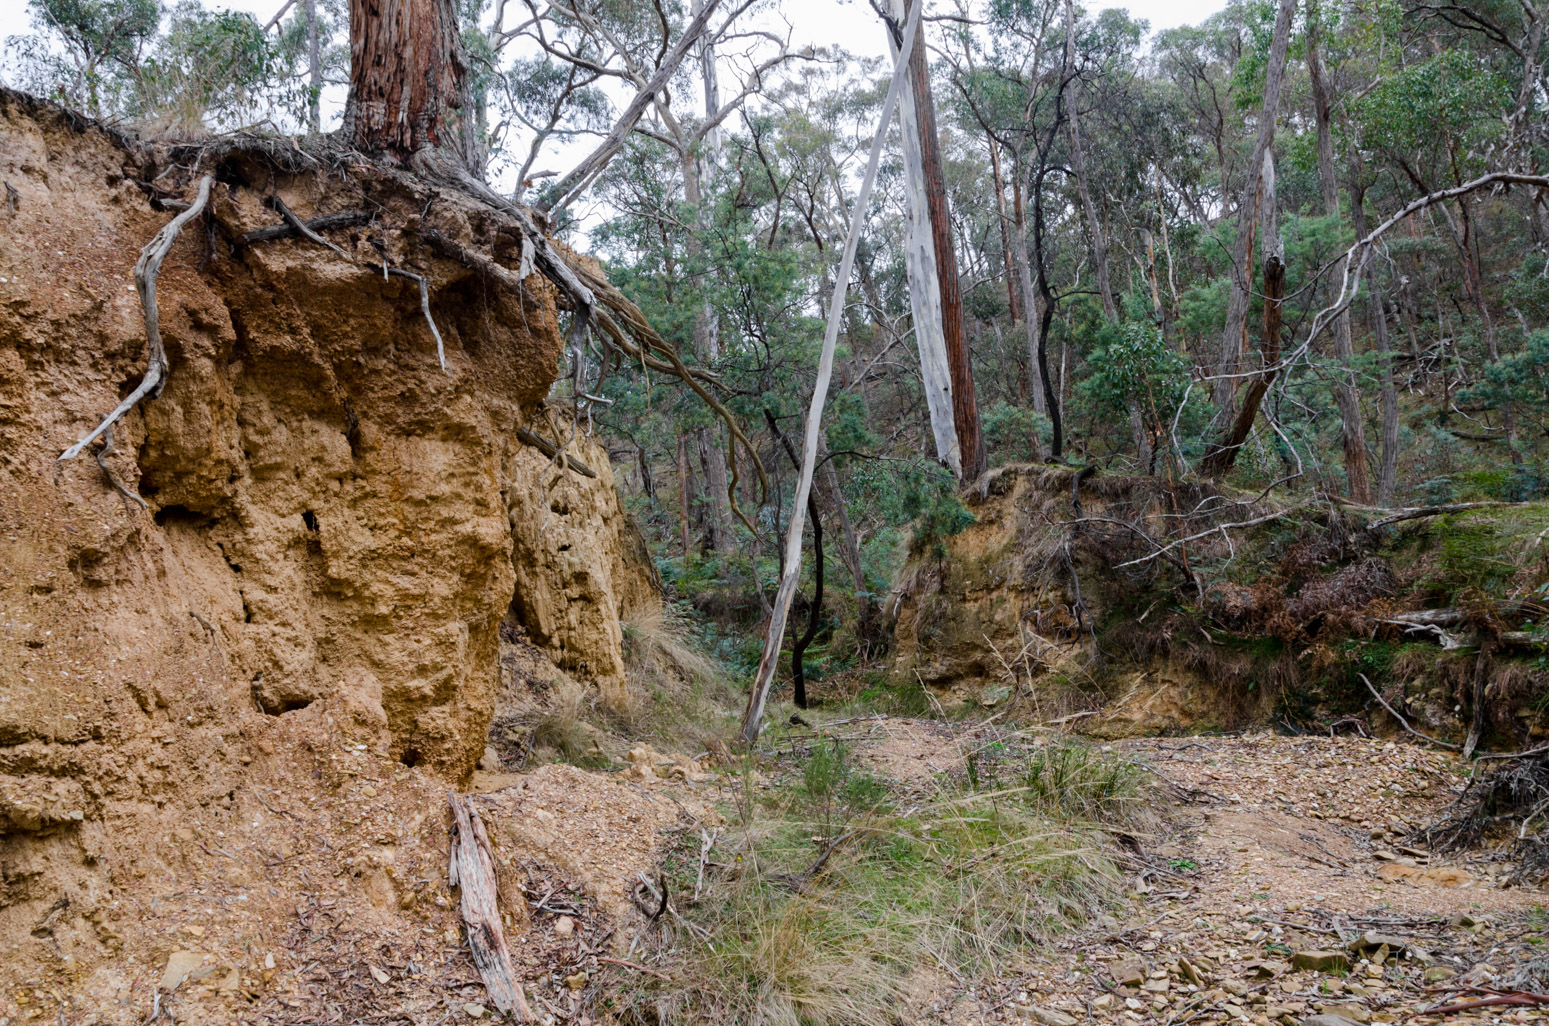 erosion-sebastapol-creek-vaughan